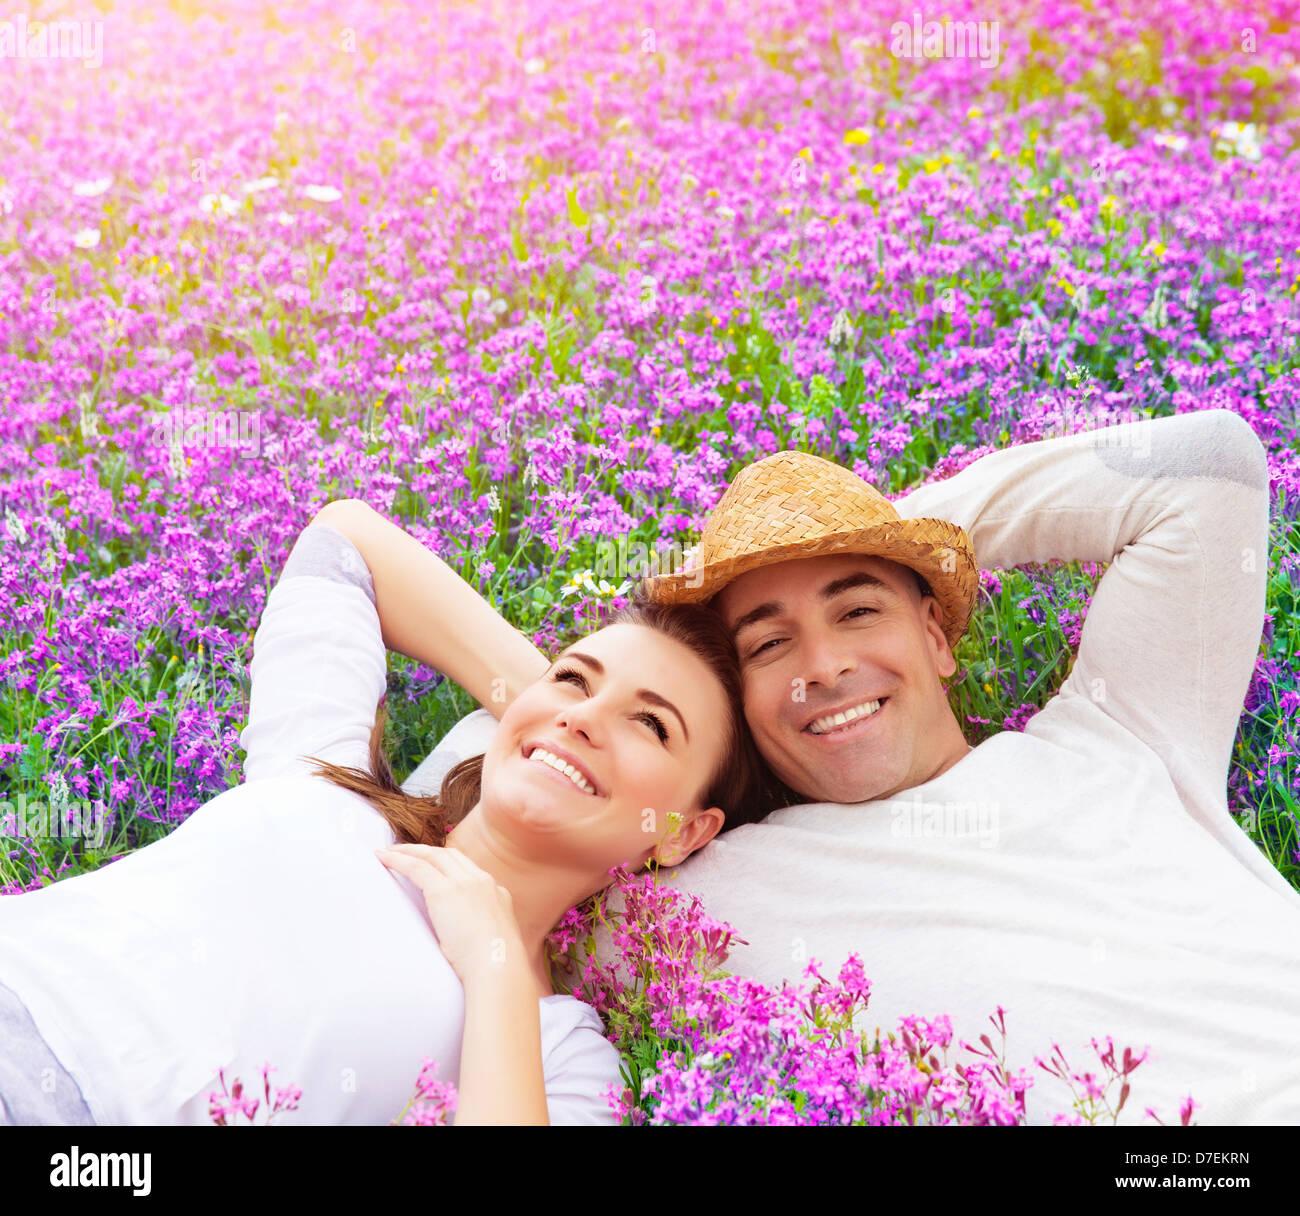 Beau couple heureux couché sur champ de lavande pourpre, s'amusant sur glade floral d'été, Photo Stock